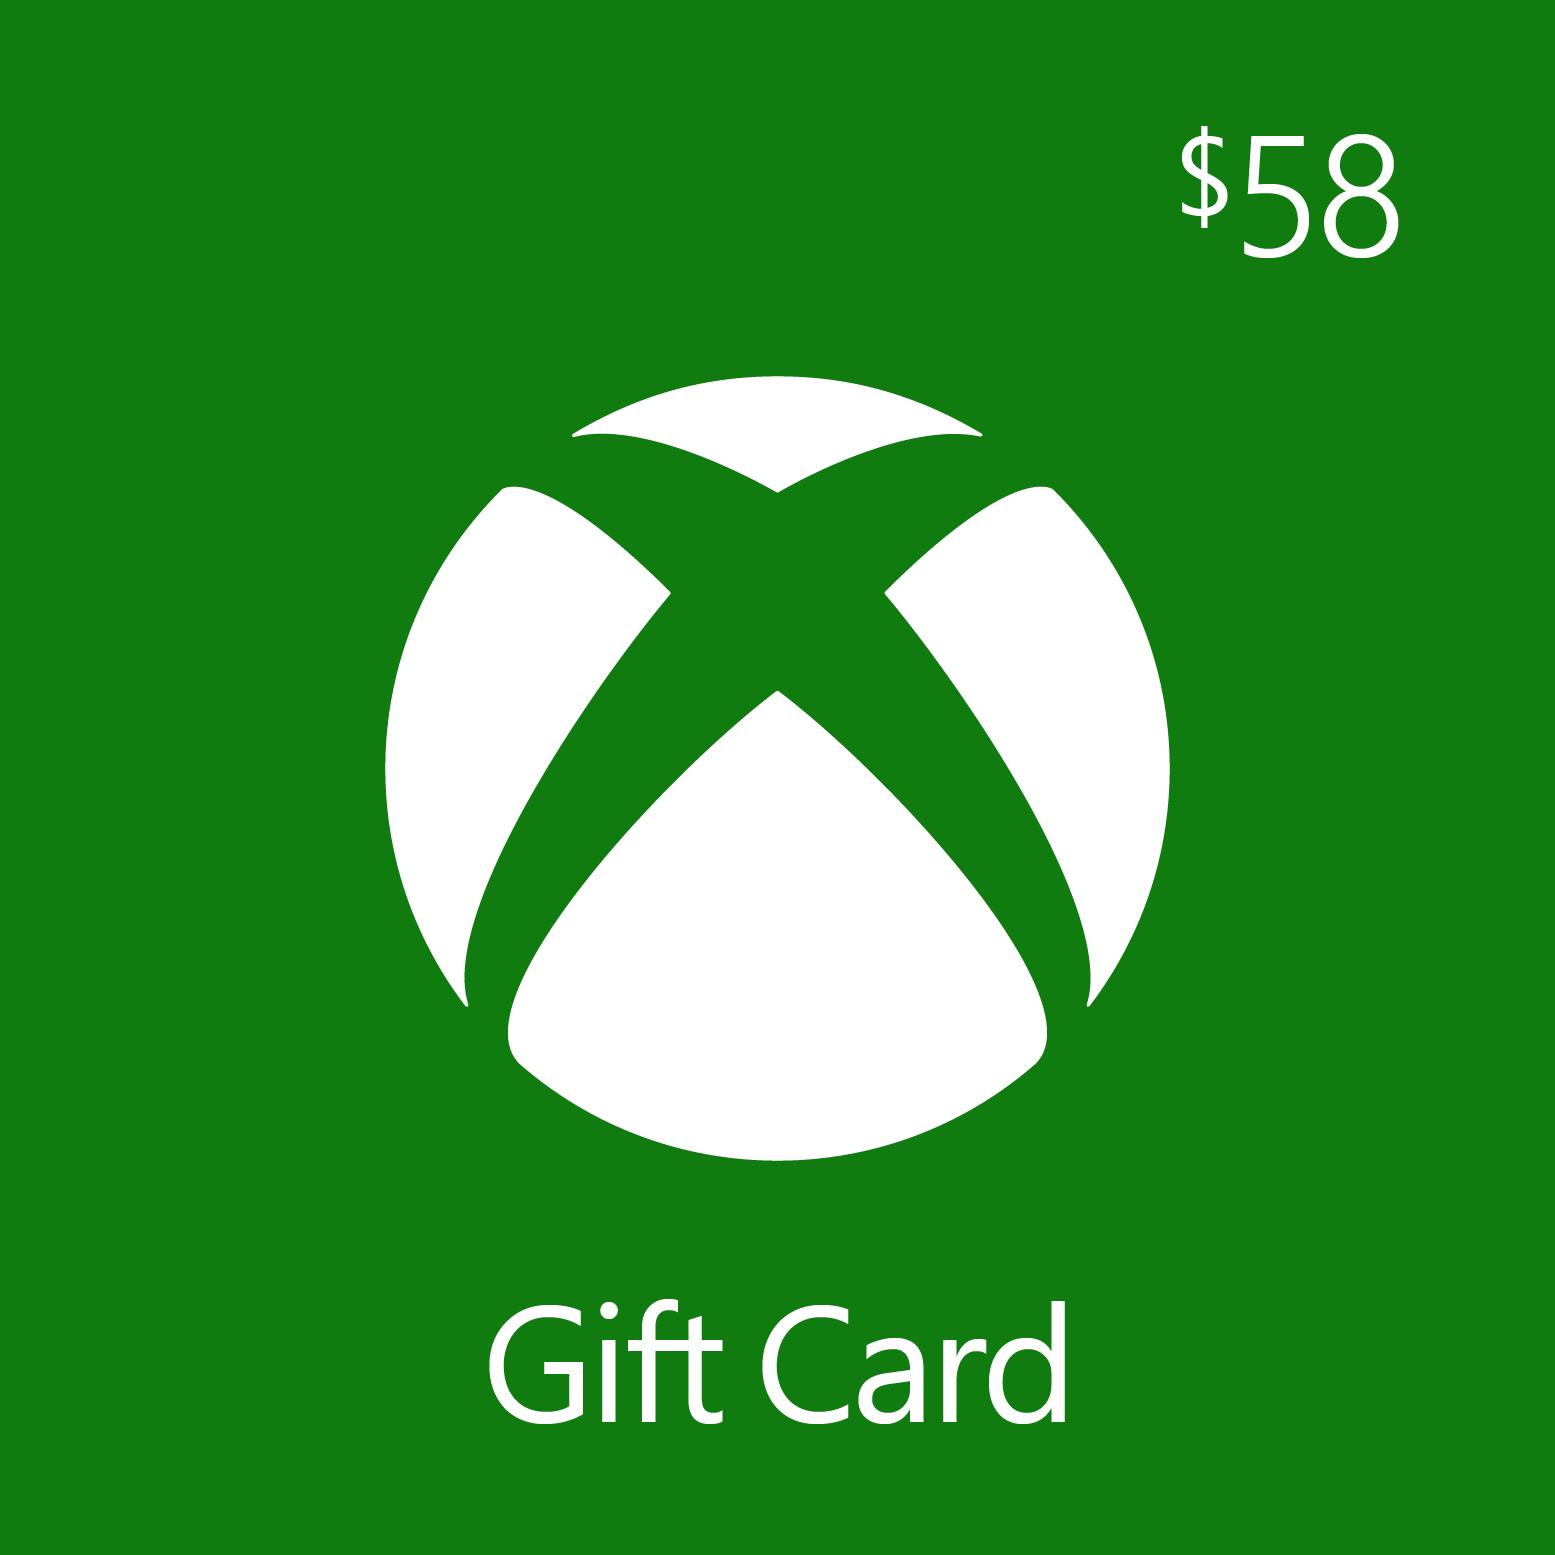 $58.00 Xbox Digital Gift Card